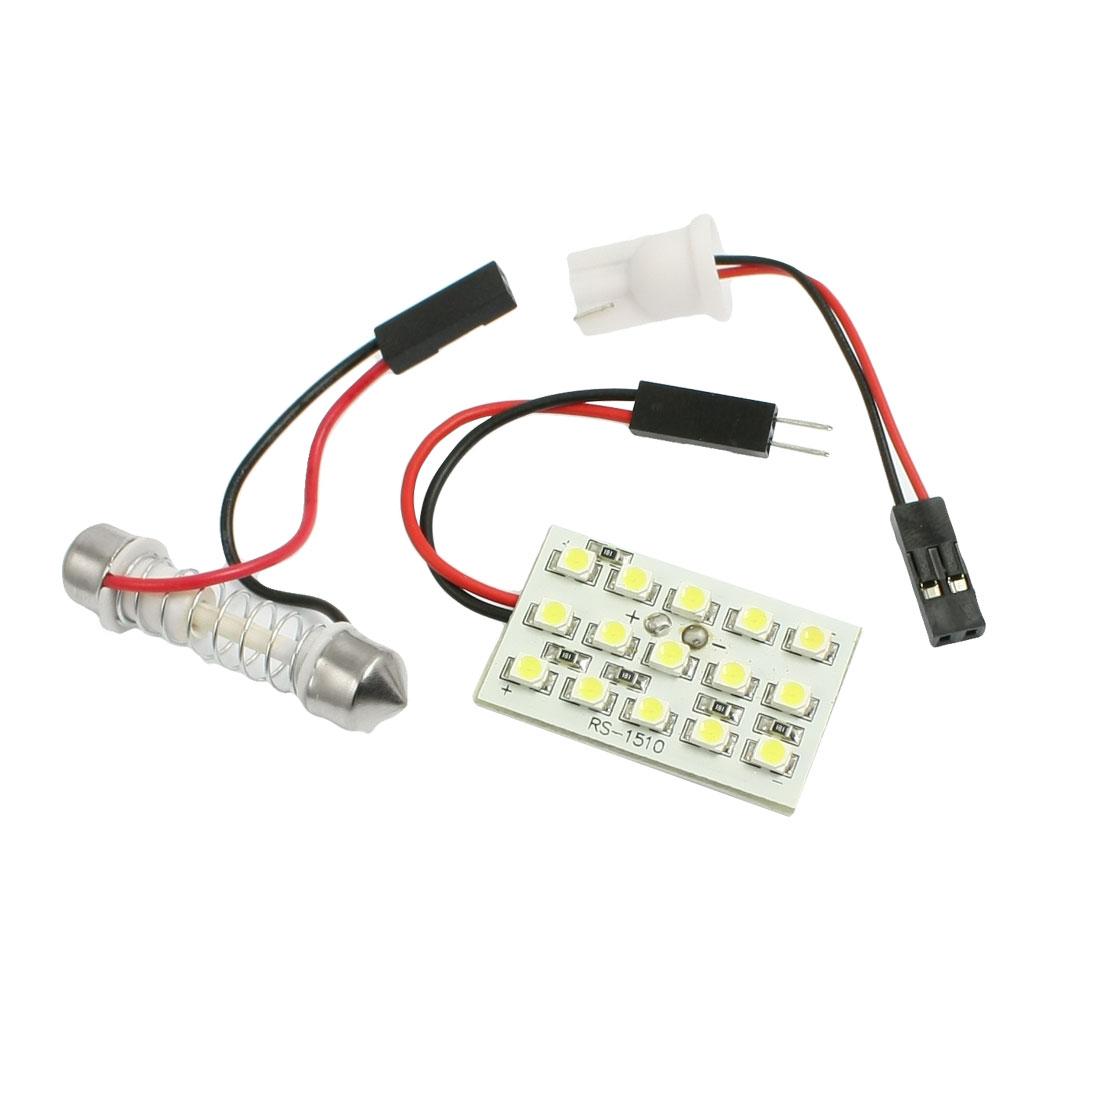 White 15 LED Panel 1210 SMD Dome Light Lamp Bulb + T10 Festoon Adapter